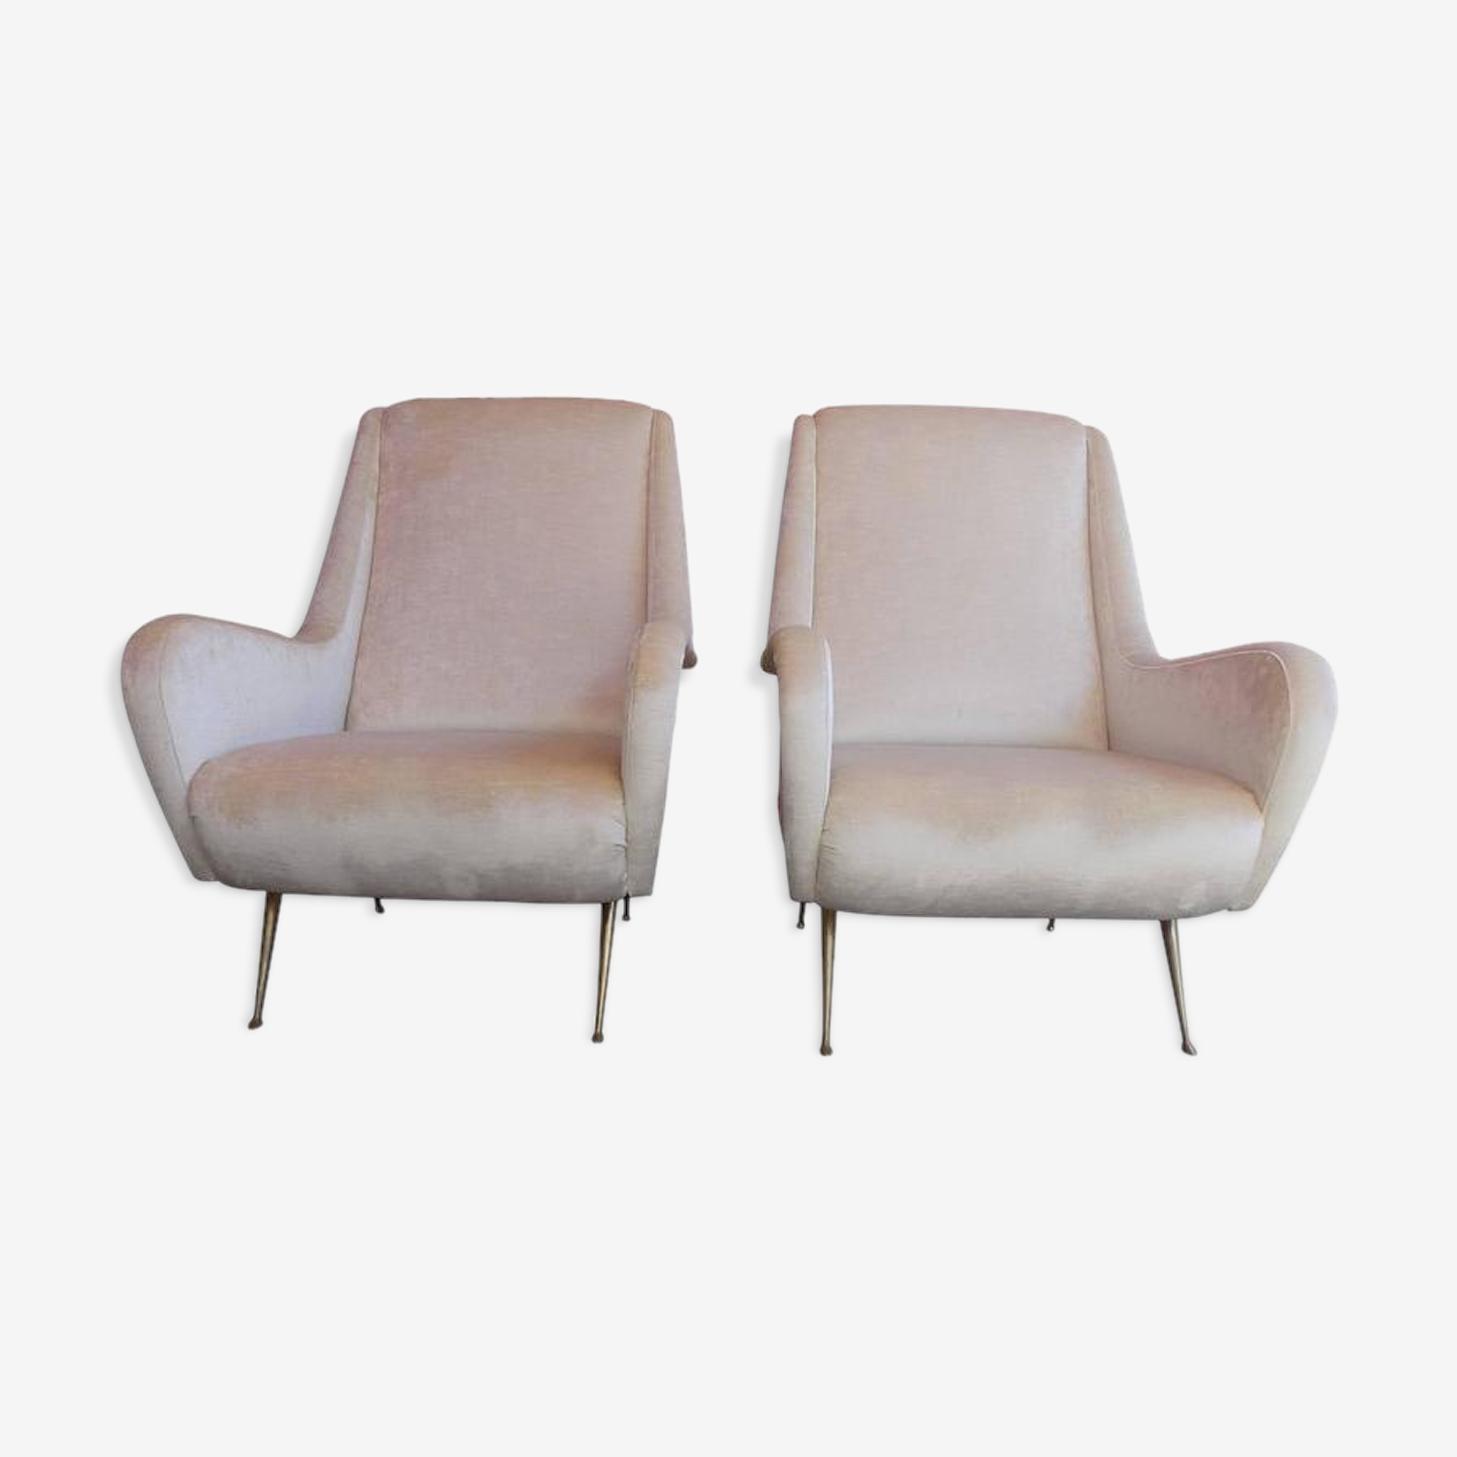 Paire italienne de fauteuils